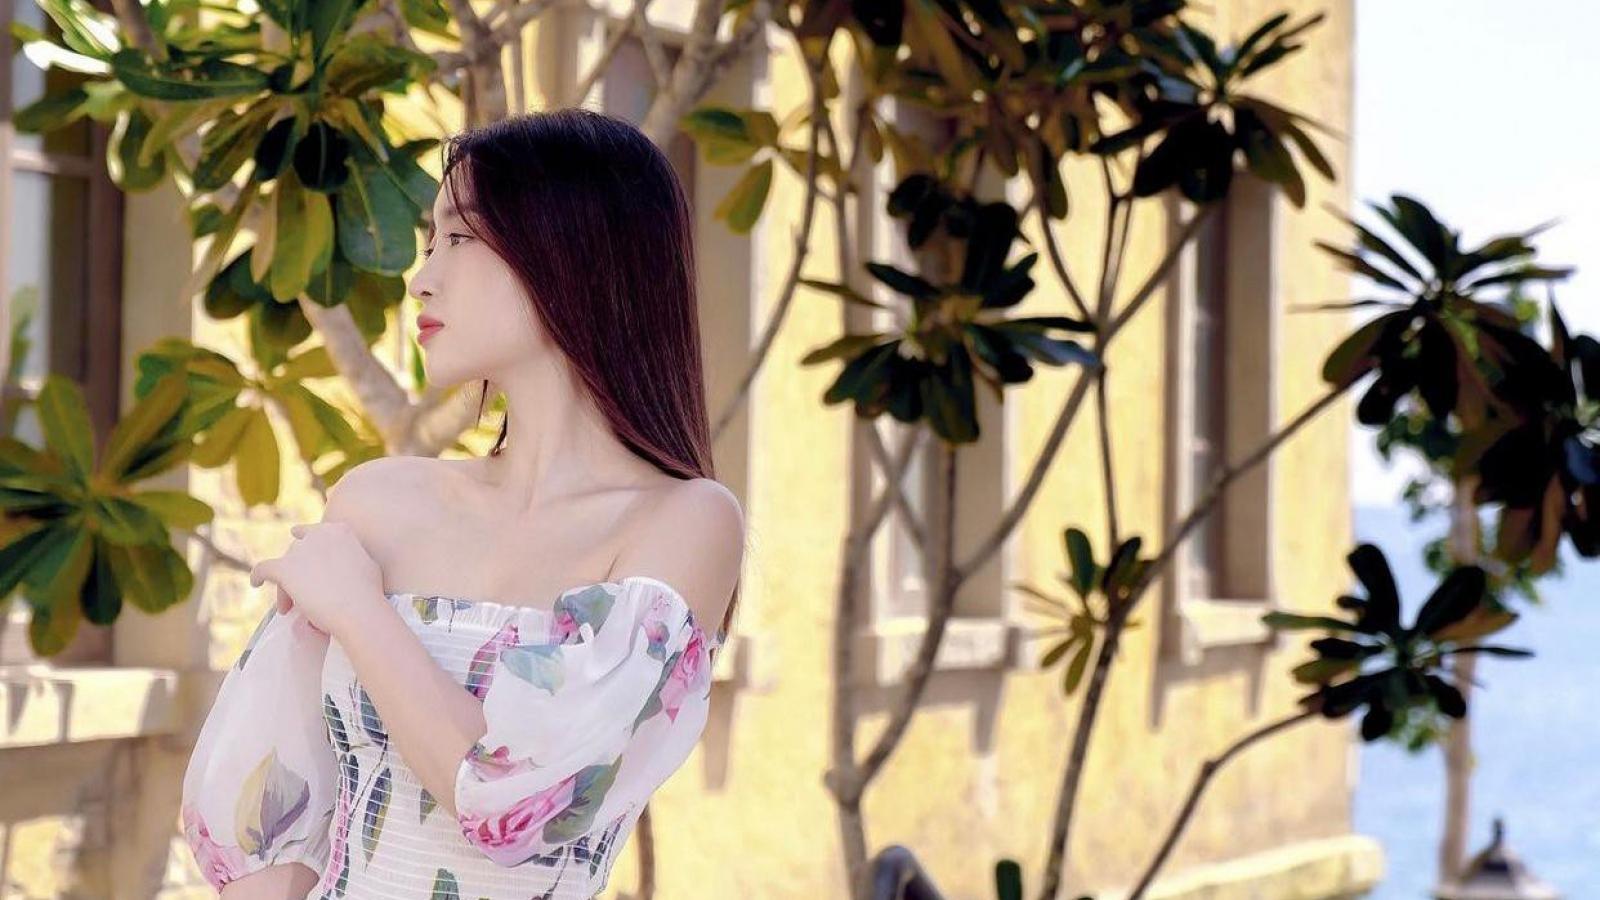 Chuyện showbiz: Hoa hậu Đỗ Mỹ Linh diện váy trễ nải bên bờ biển